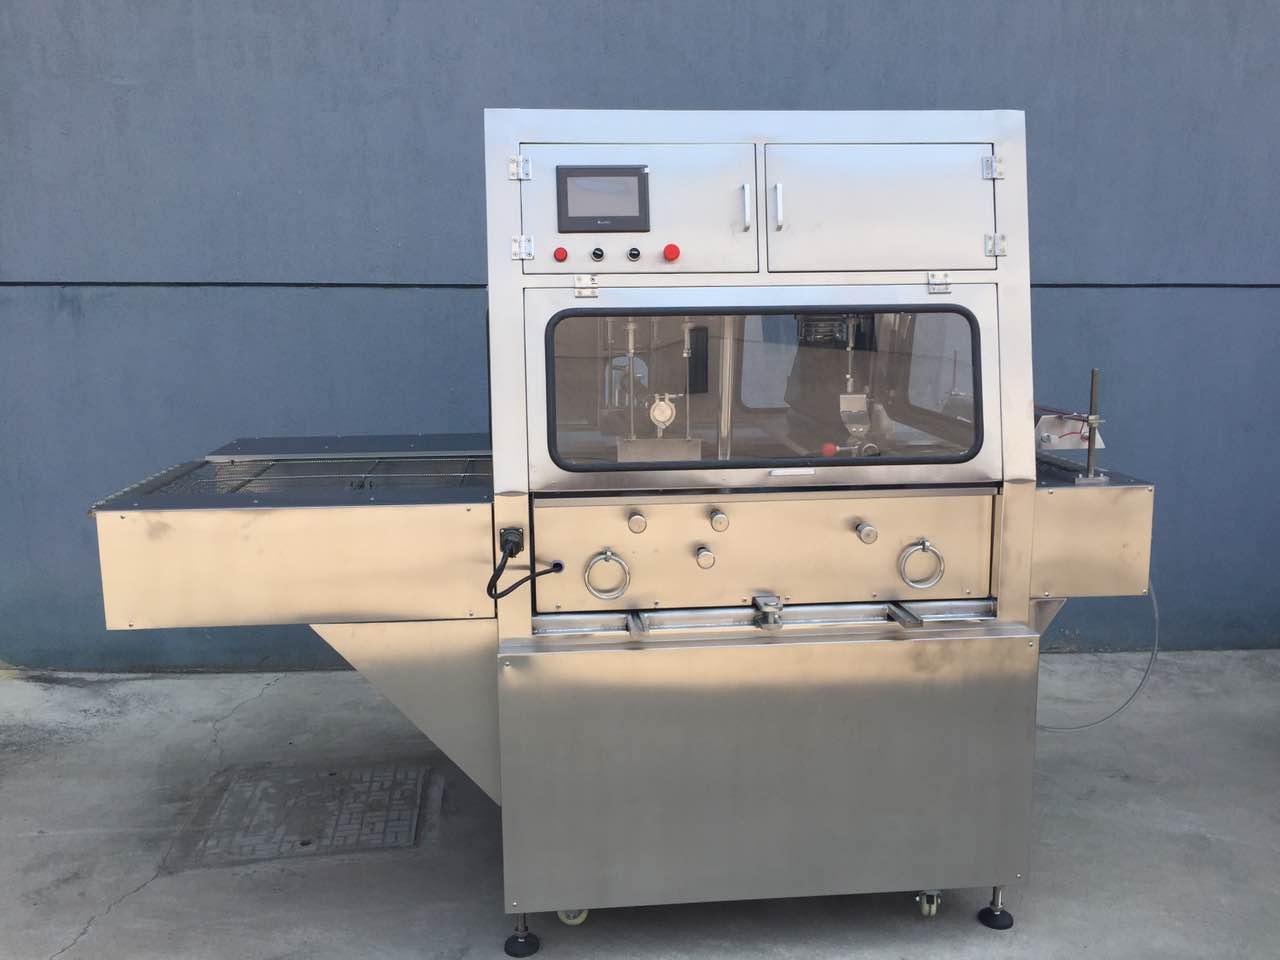 巧克力涂层机/巧克力涂层设备/巧克力生产线|切块机系列-上海雪冰食品有限公司